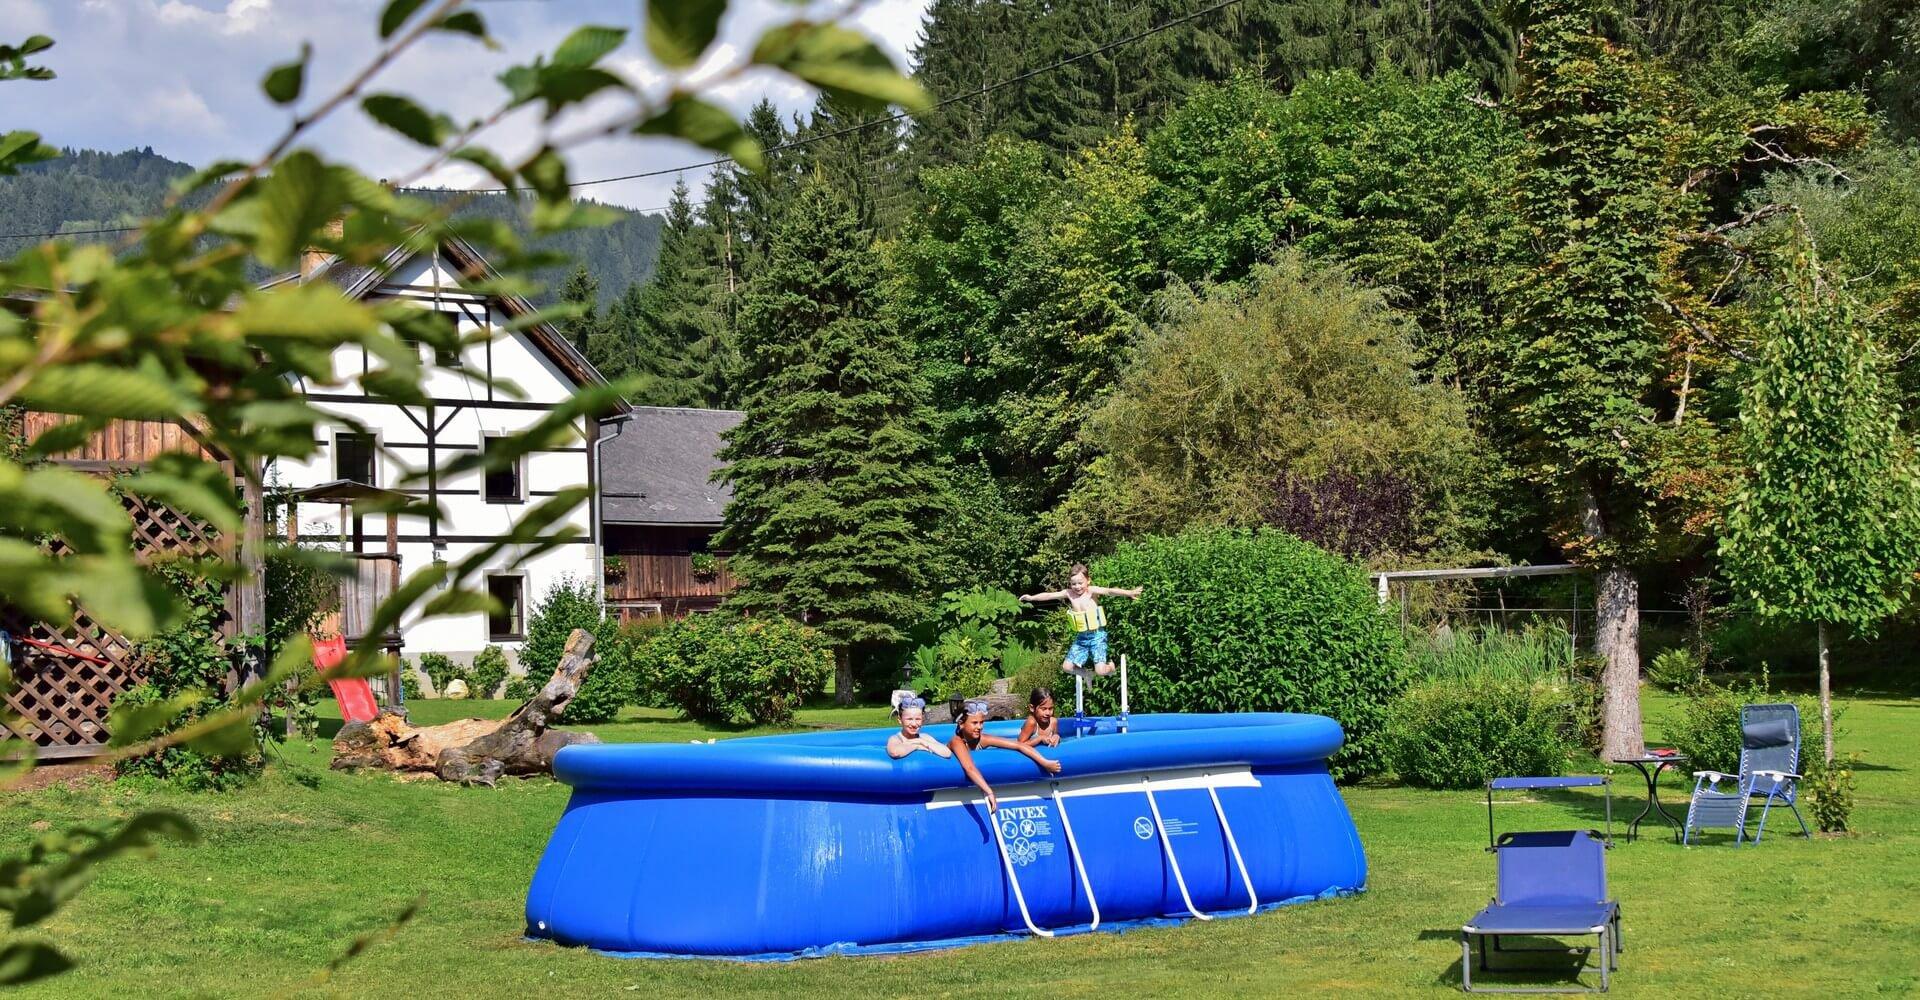 aktivurlaub-kinderspielplatz-schwimmbad